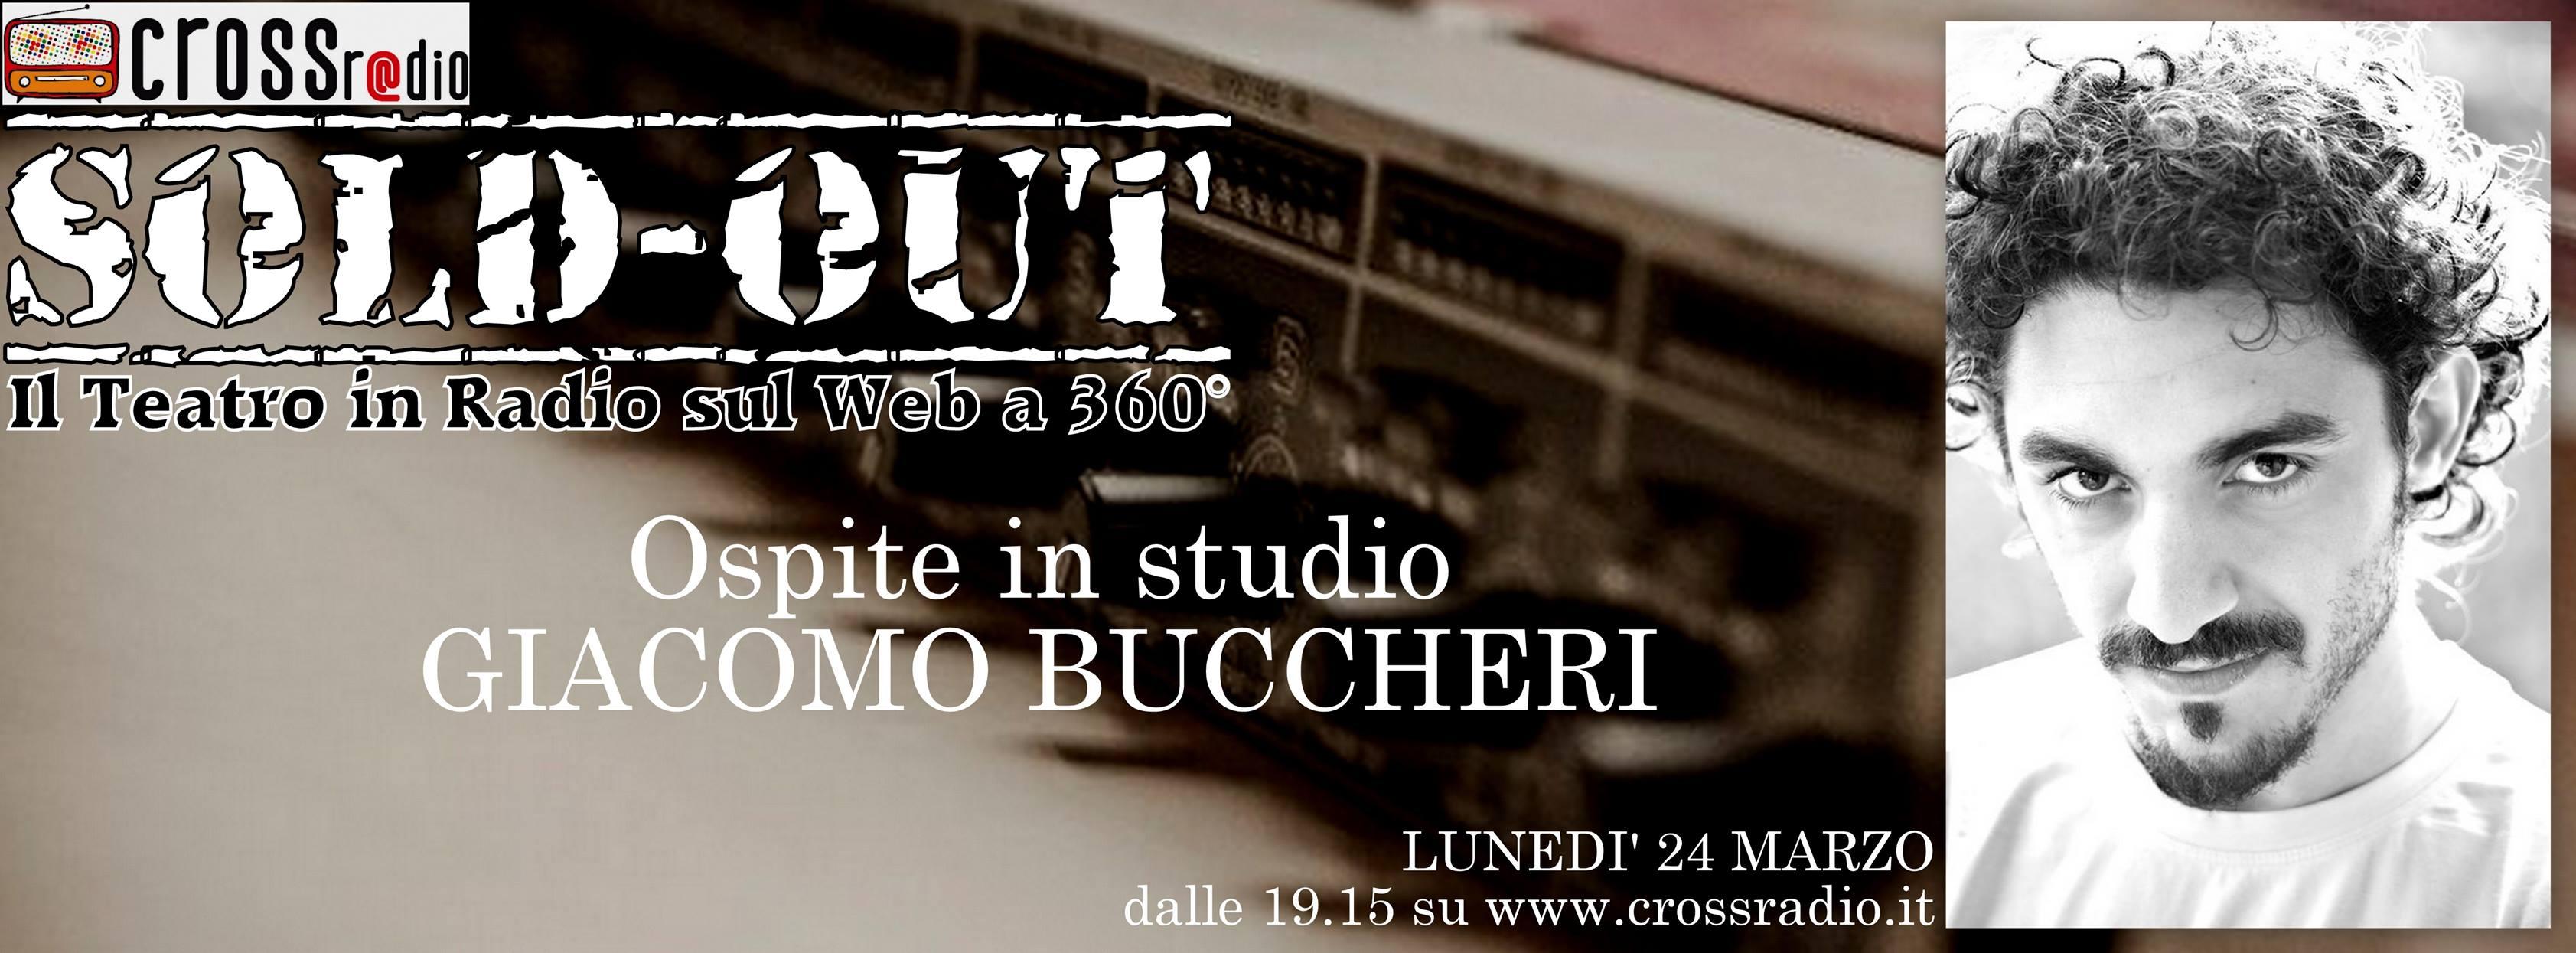 Sold-Out & Giacomo Buccheri